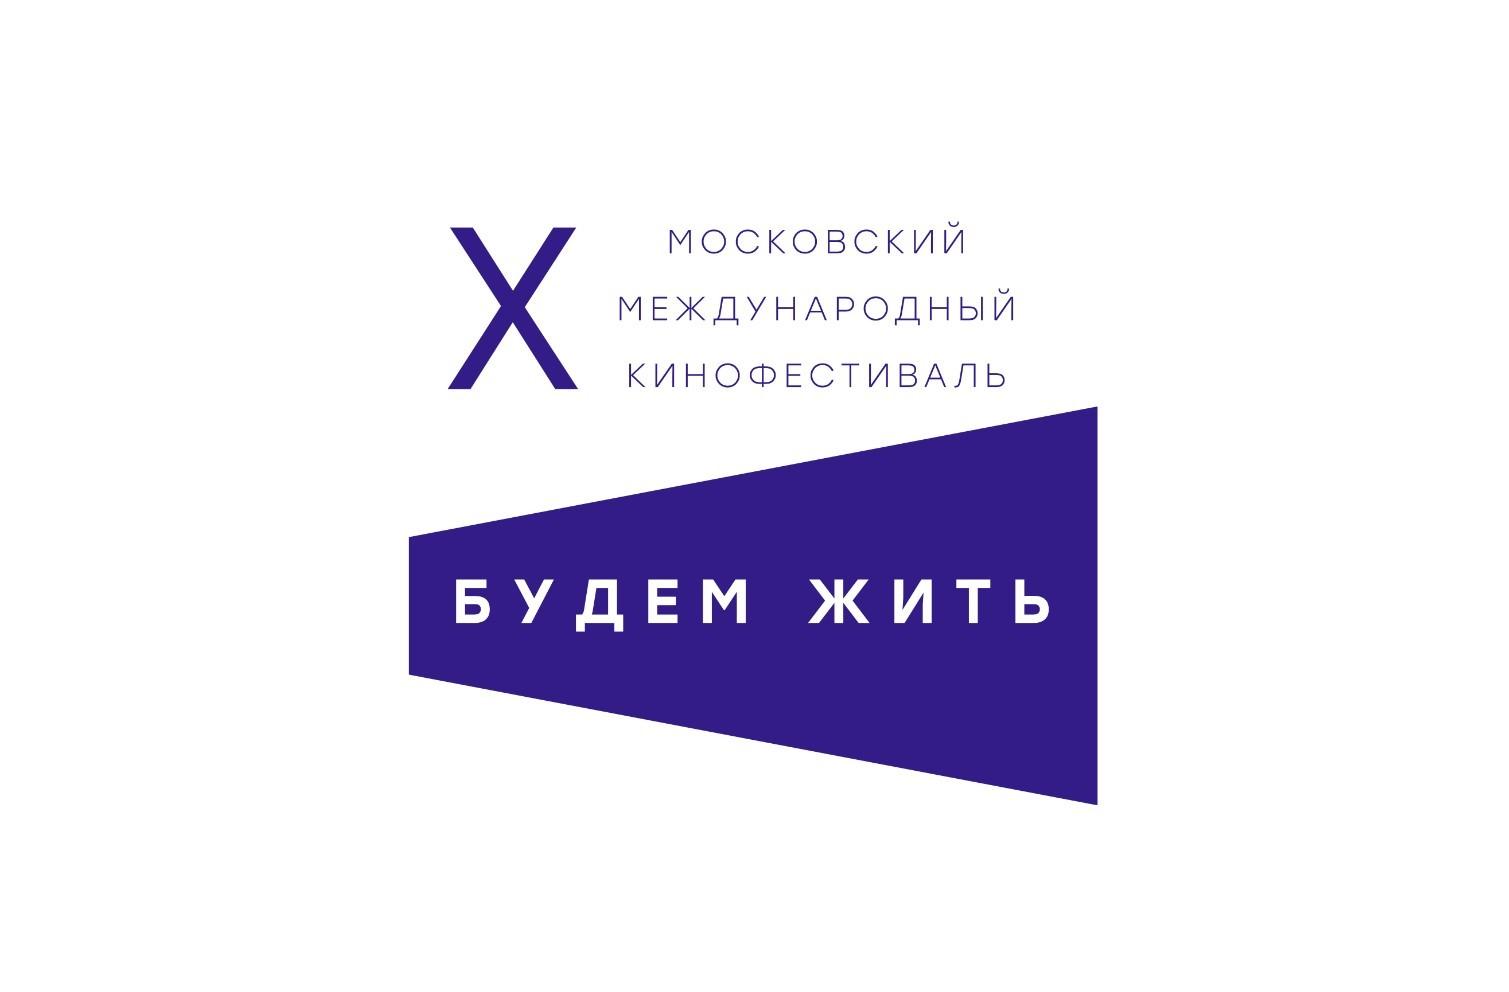 Состоится Х Московский международный кинофестиваль «Будем жить»